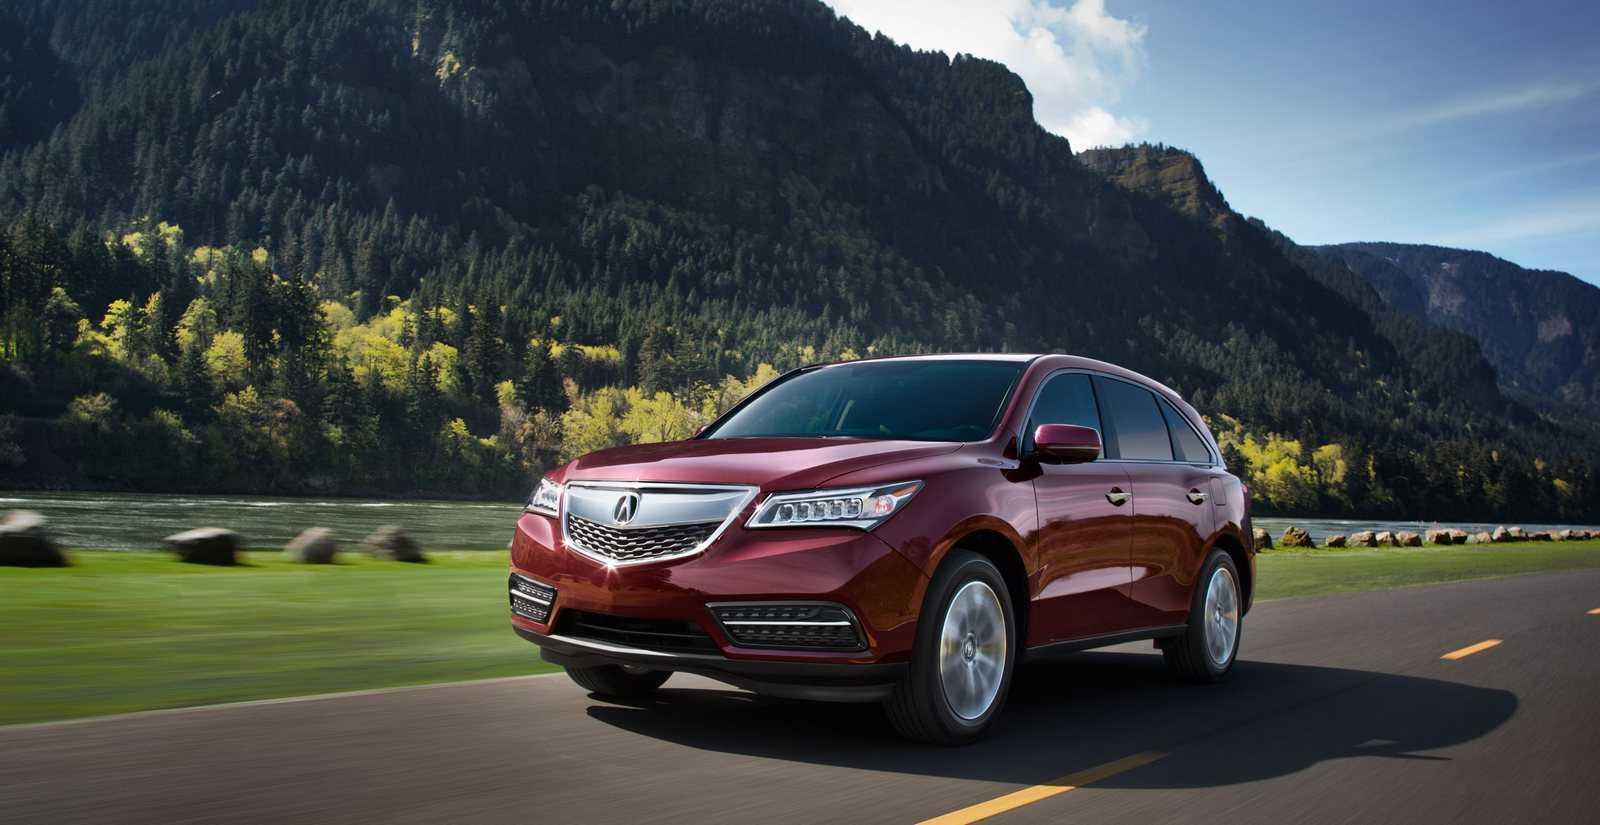 Acura mdx (акура мдх) - продажа, цены, отзывы, фото: 90 объявлений